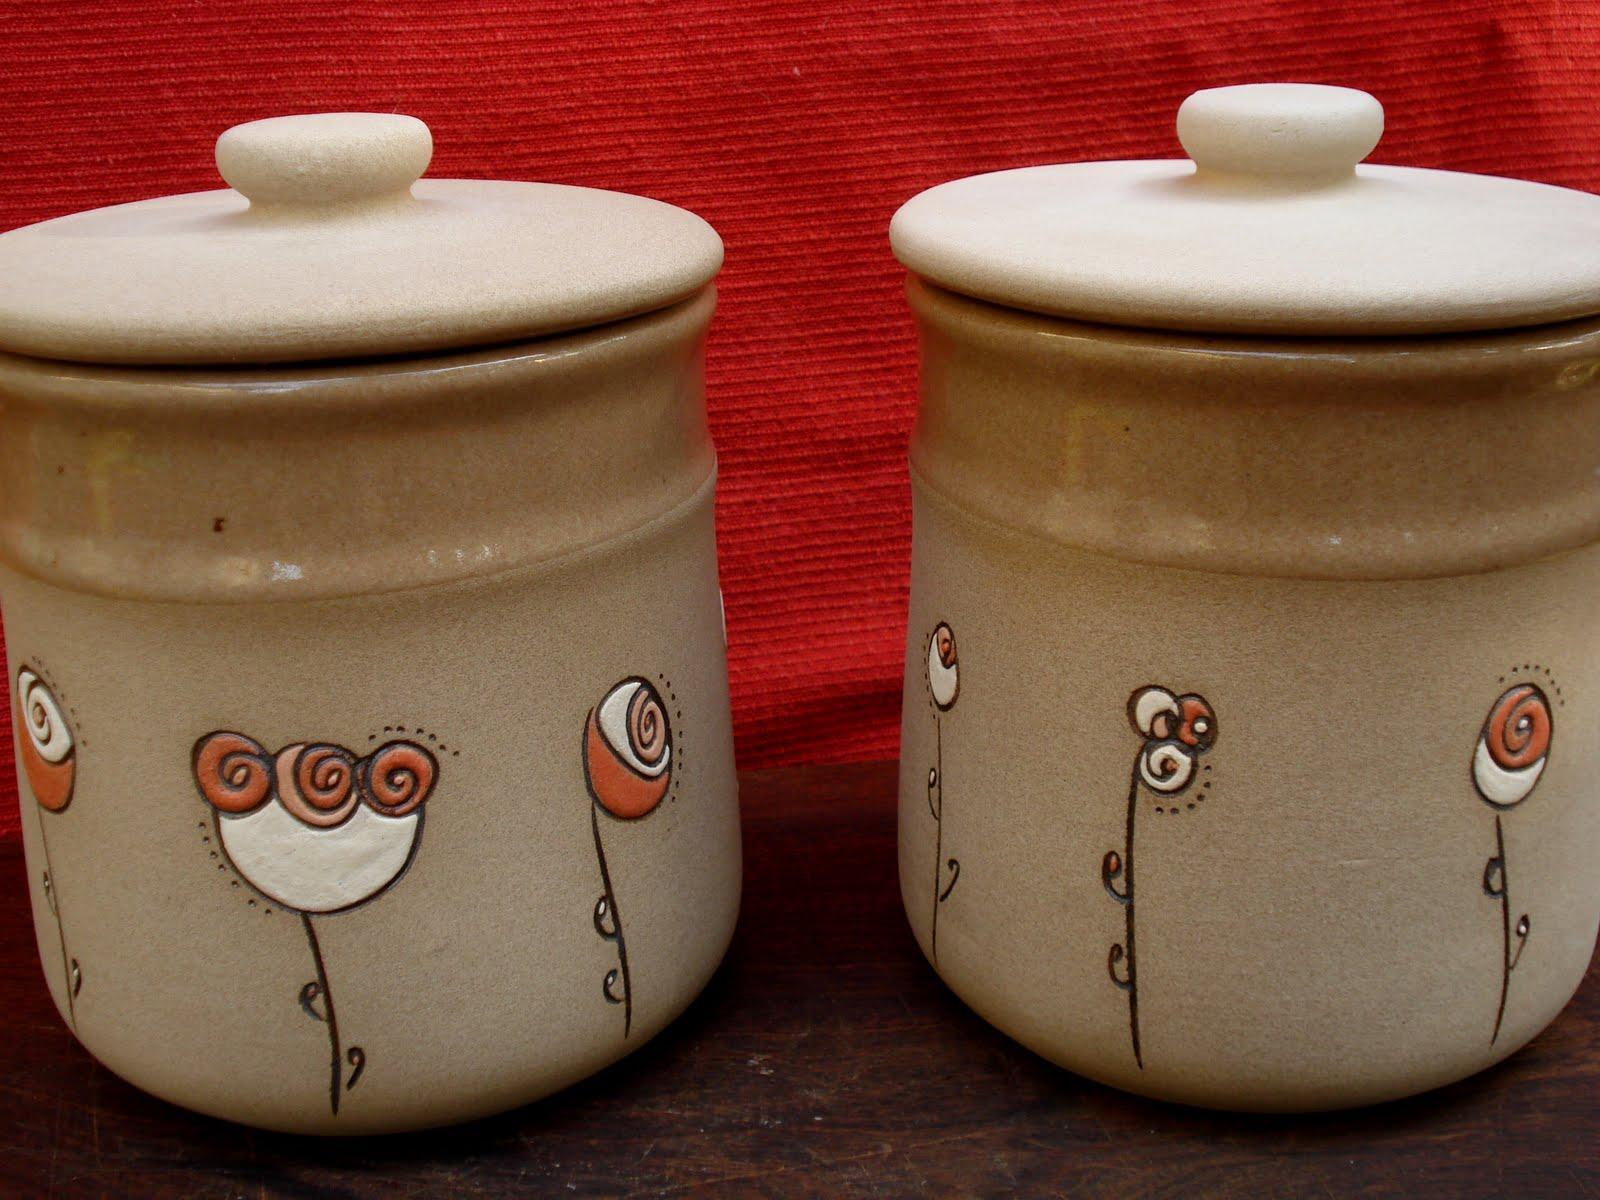 Ceramica el cuenco for Materiales para ceramica artesanal